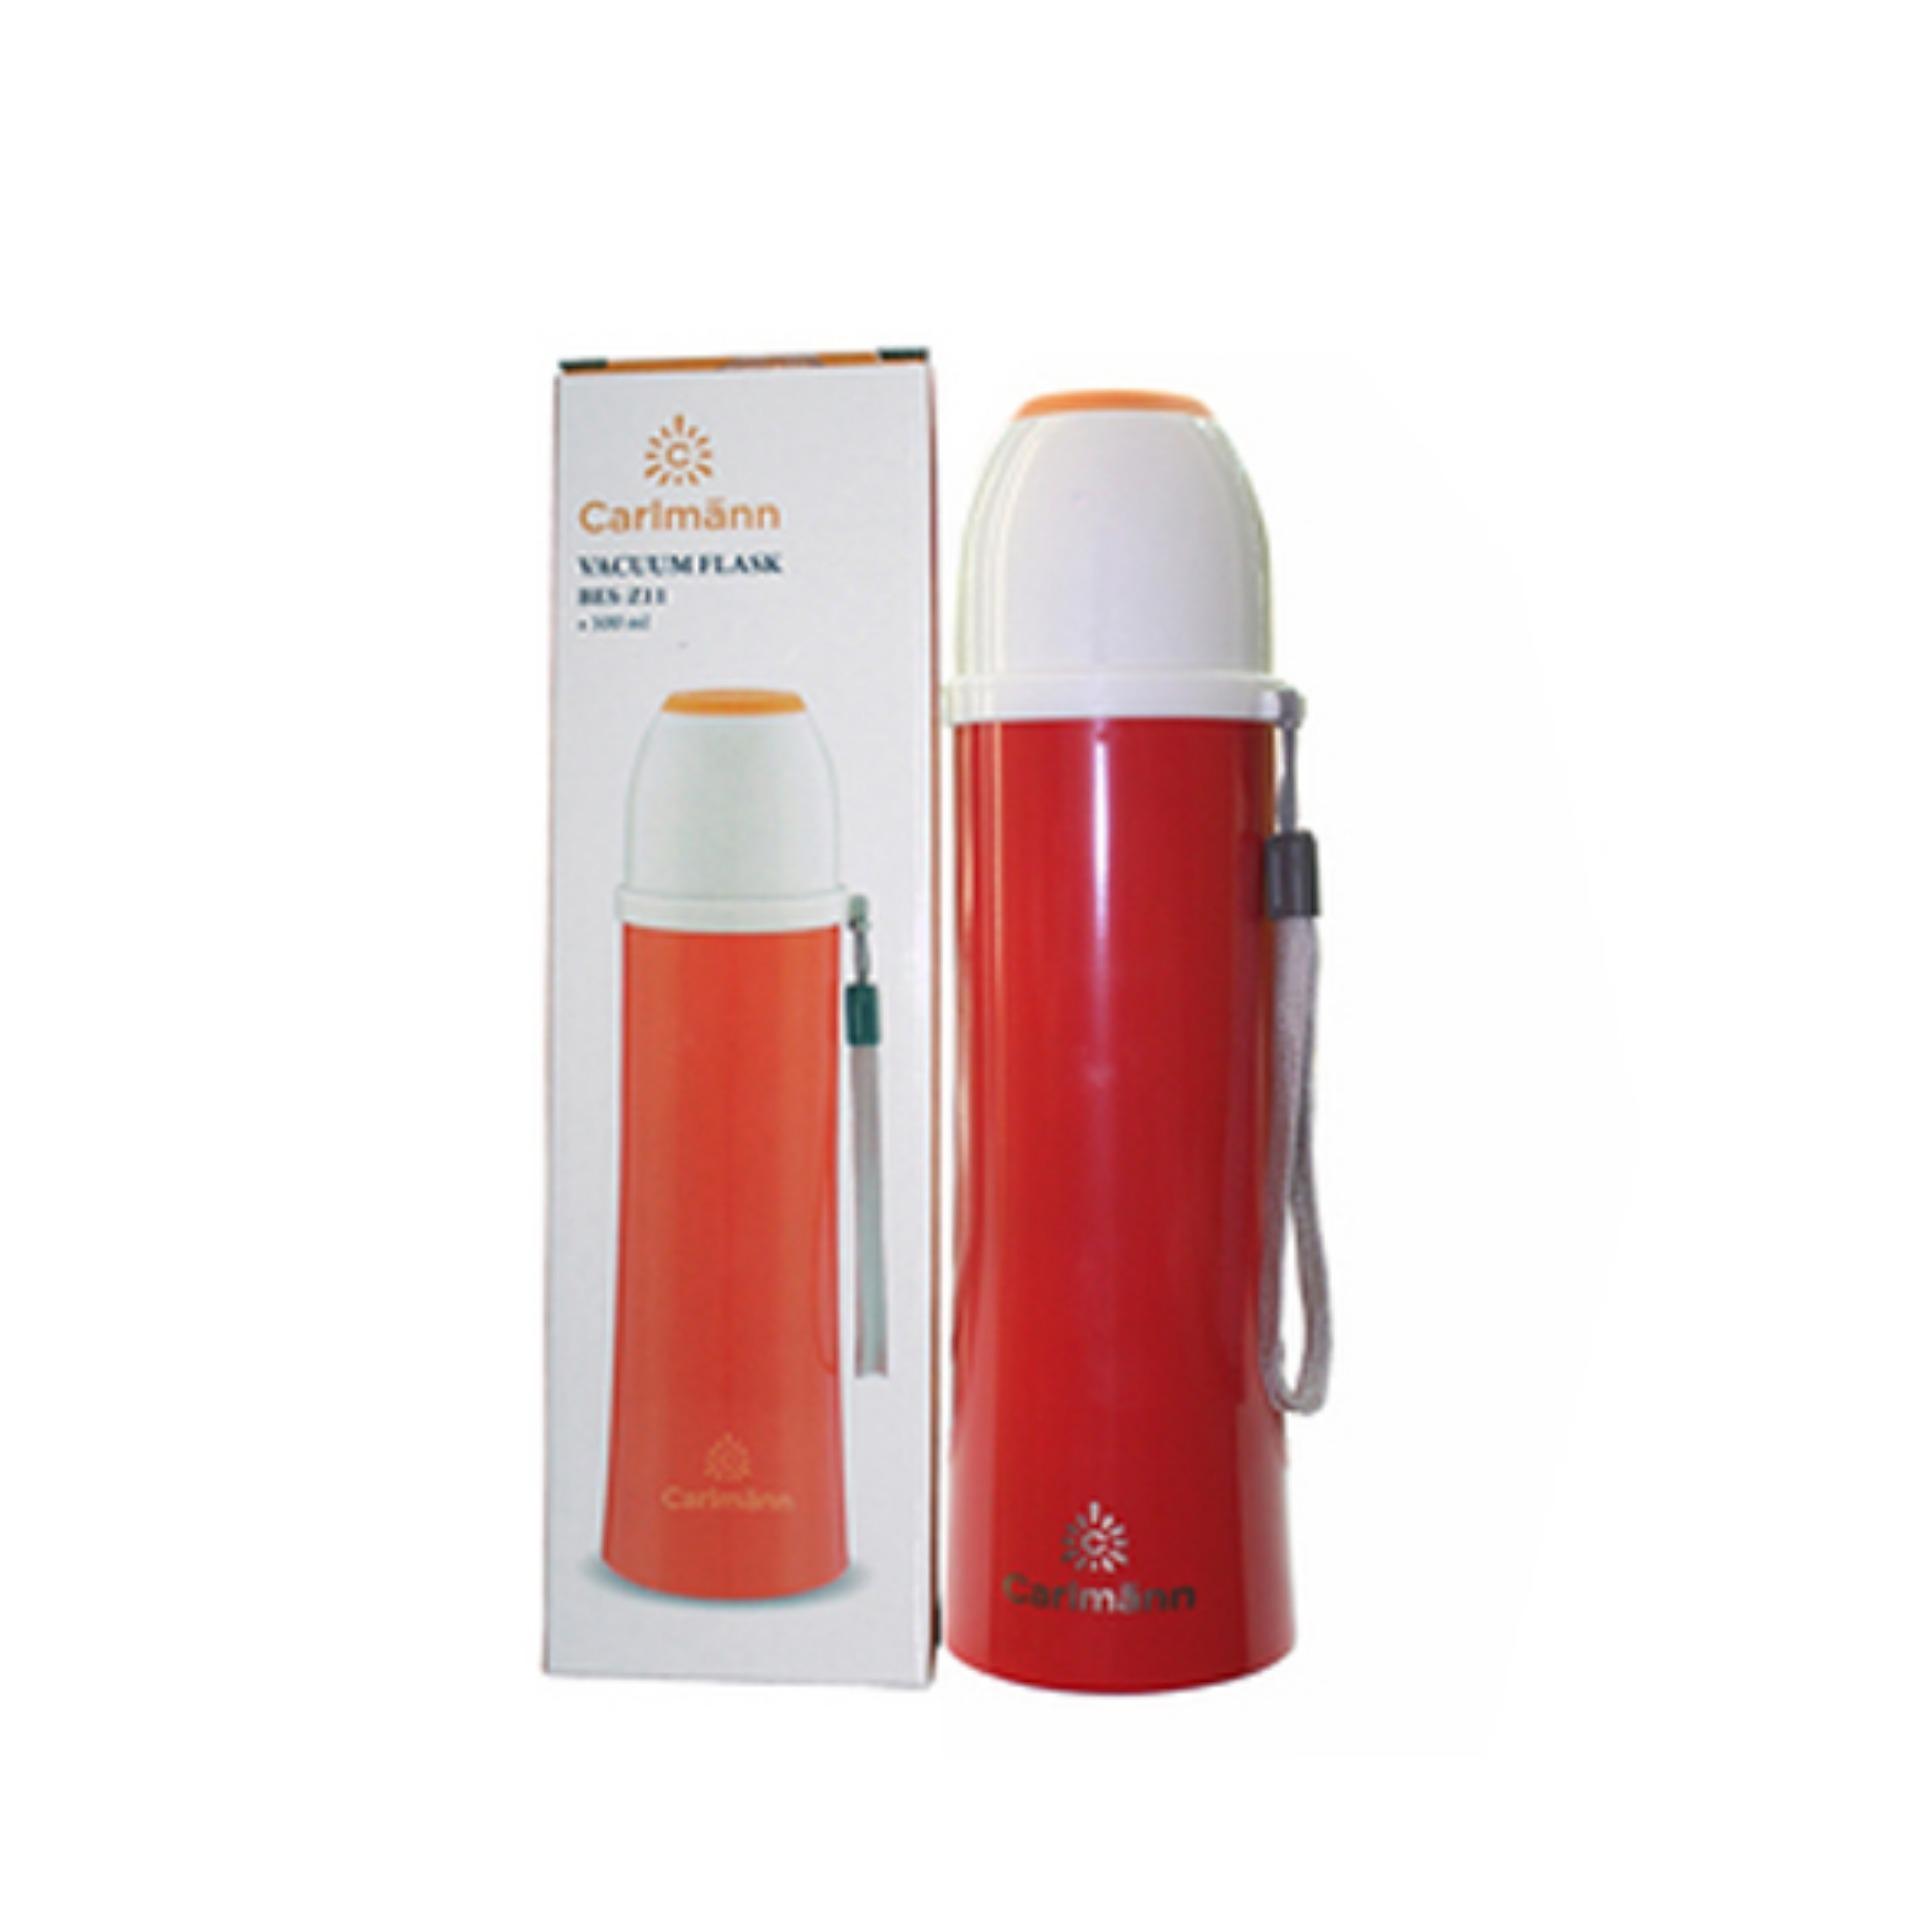 Bình giữ nhiệt nóng lạnh Carlmann BES-Z11 0.5L (Đỏ)